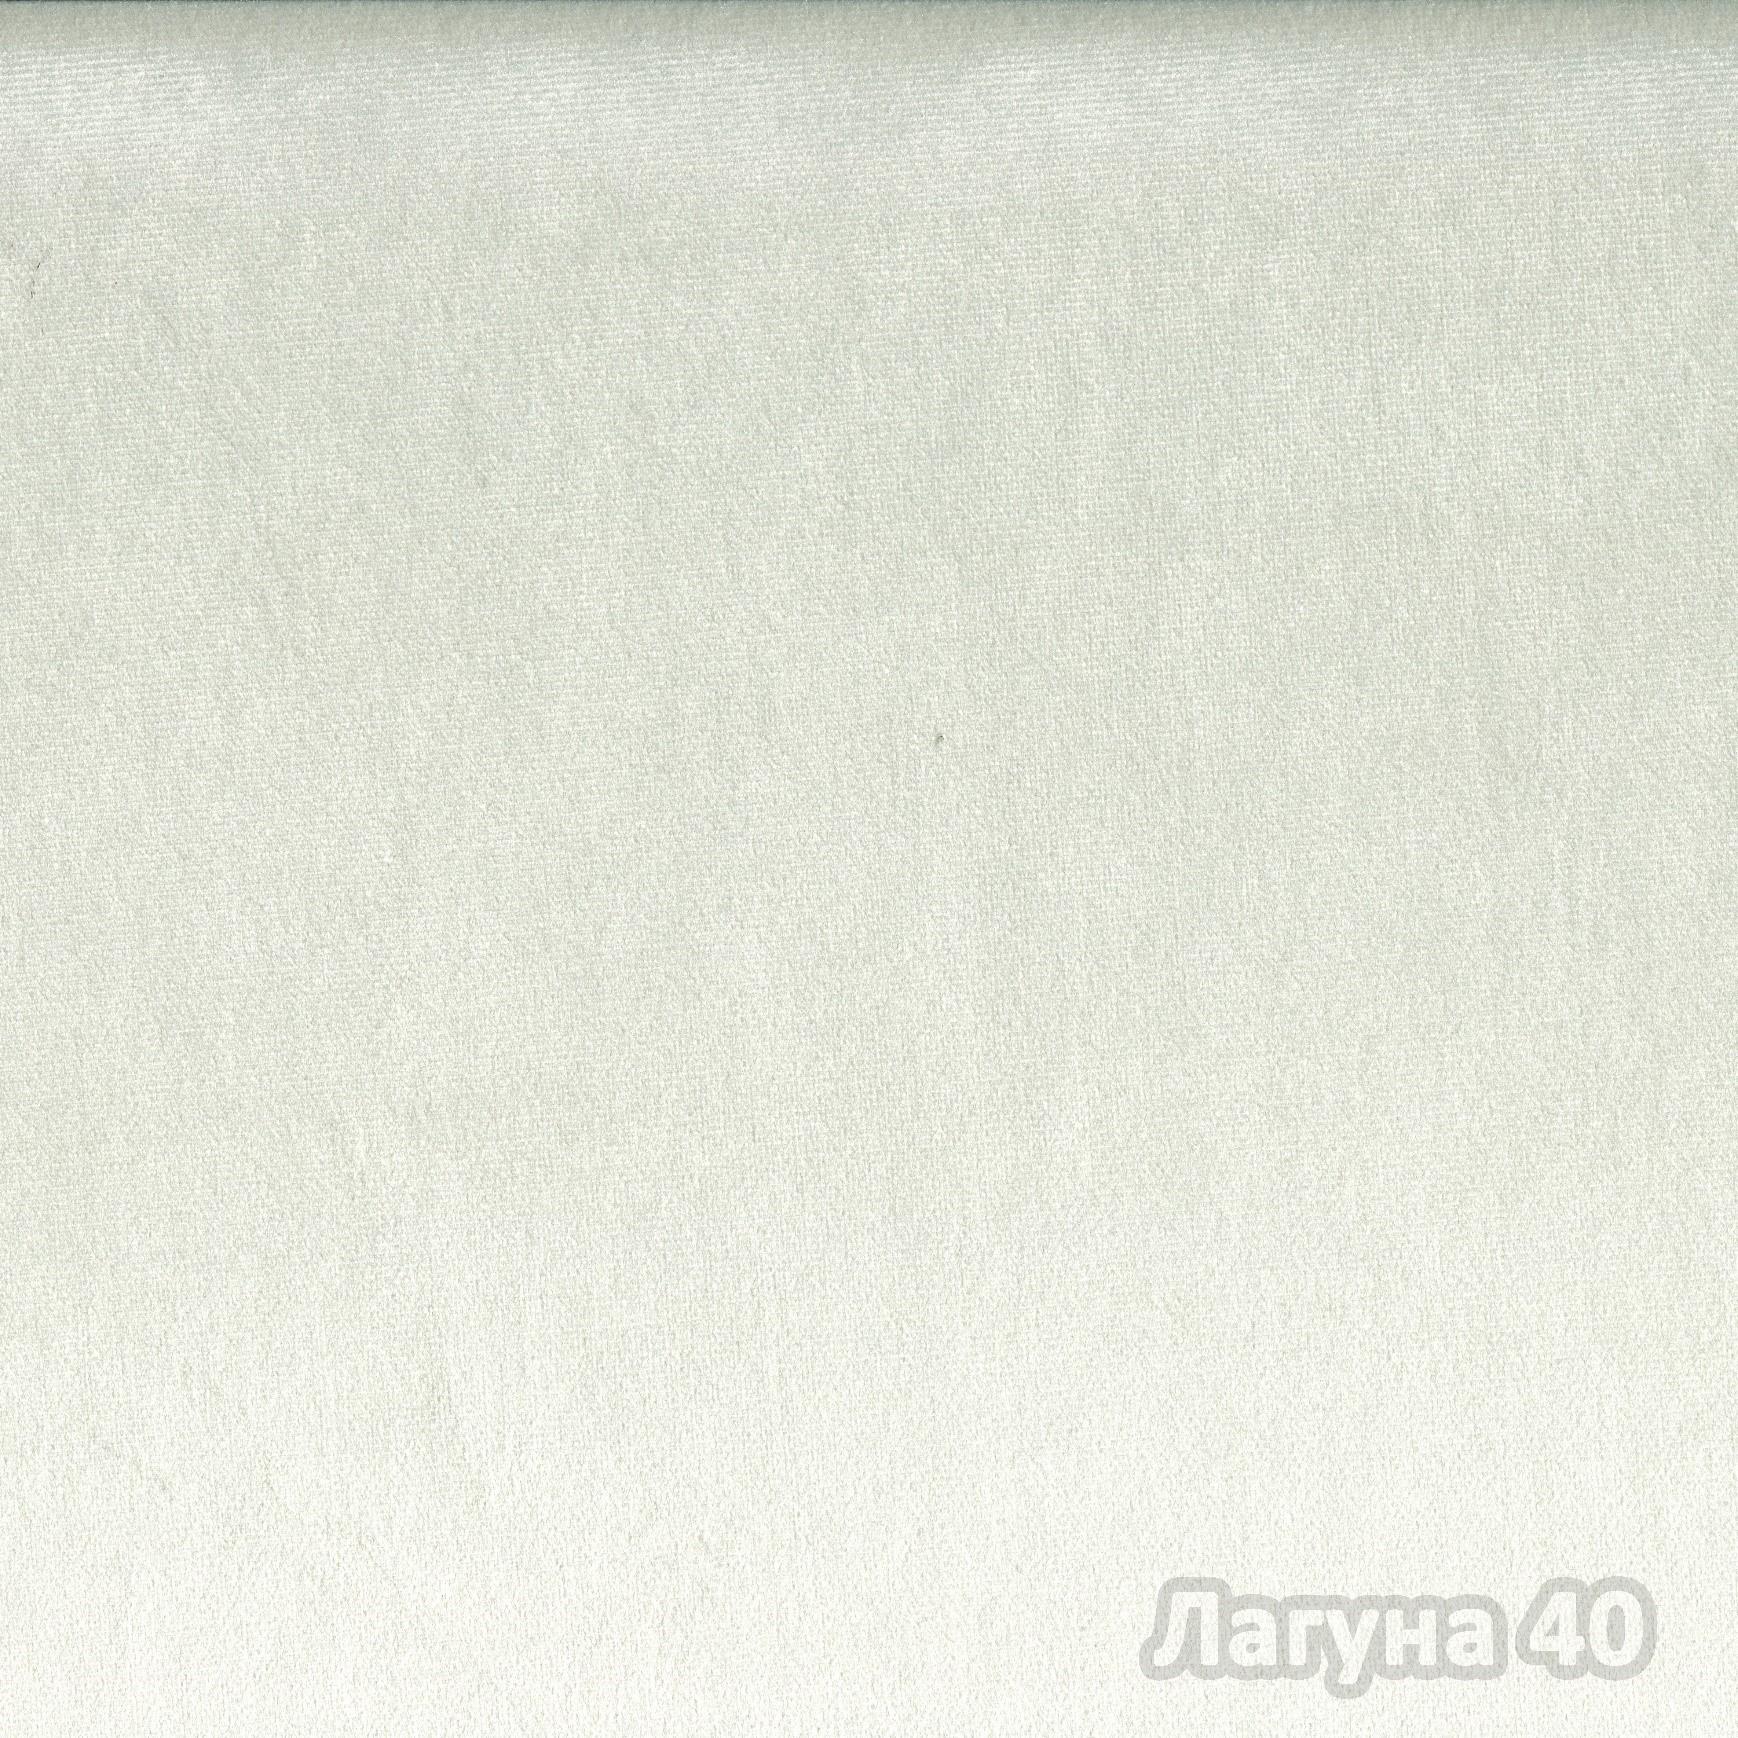 Коллекция ткани Лагуна 40,  купить ткань Велюр для мебели Украина